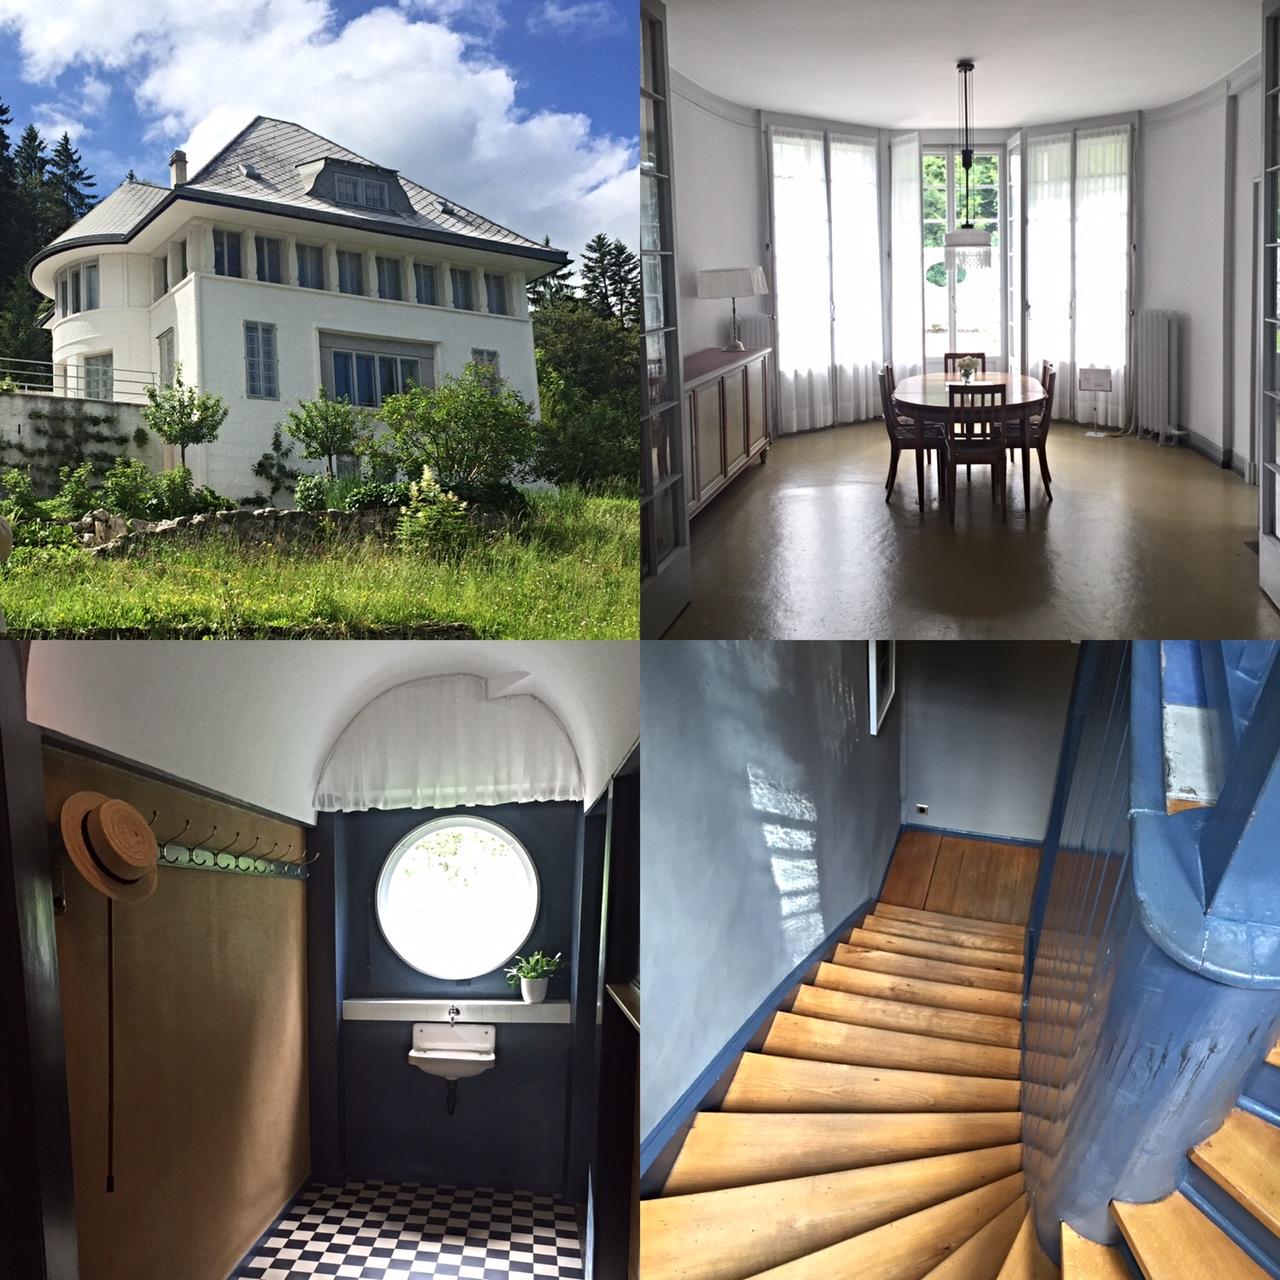 Grand tour of switzerland day 4 la chaux de fonds for A la maison blanche